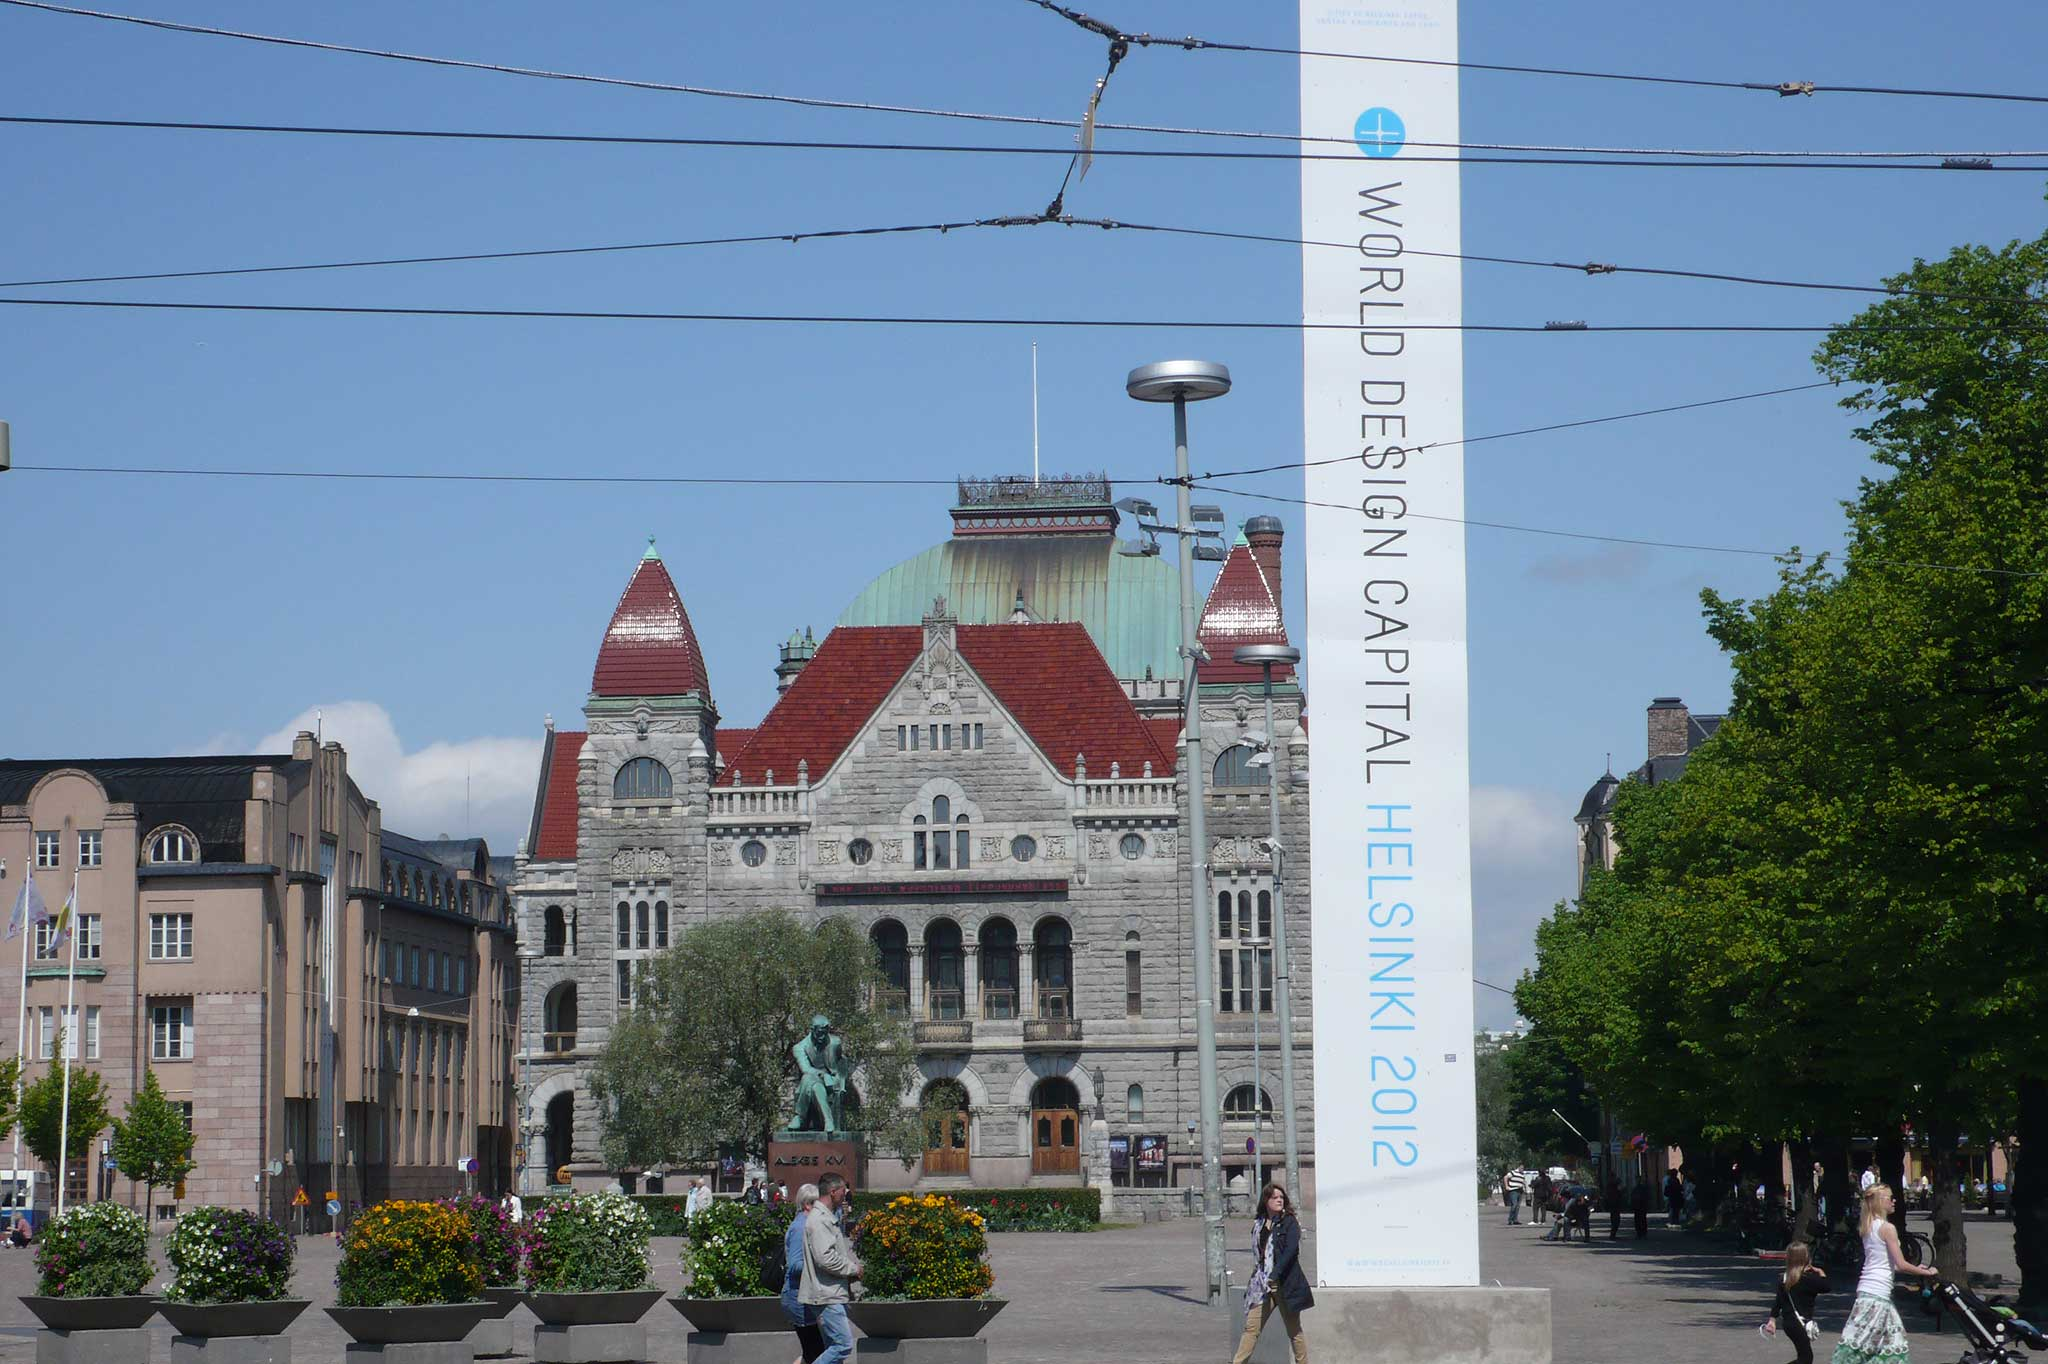 An vielen Orten in Helsinki wird auf das Designjahr aufmerksam gemacht.